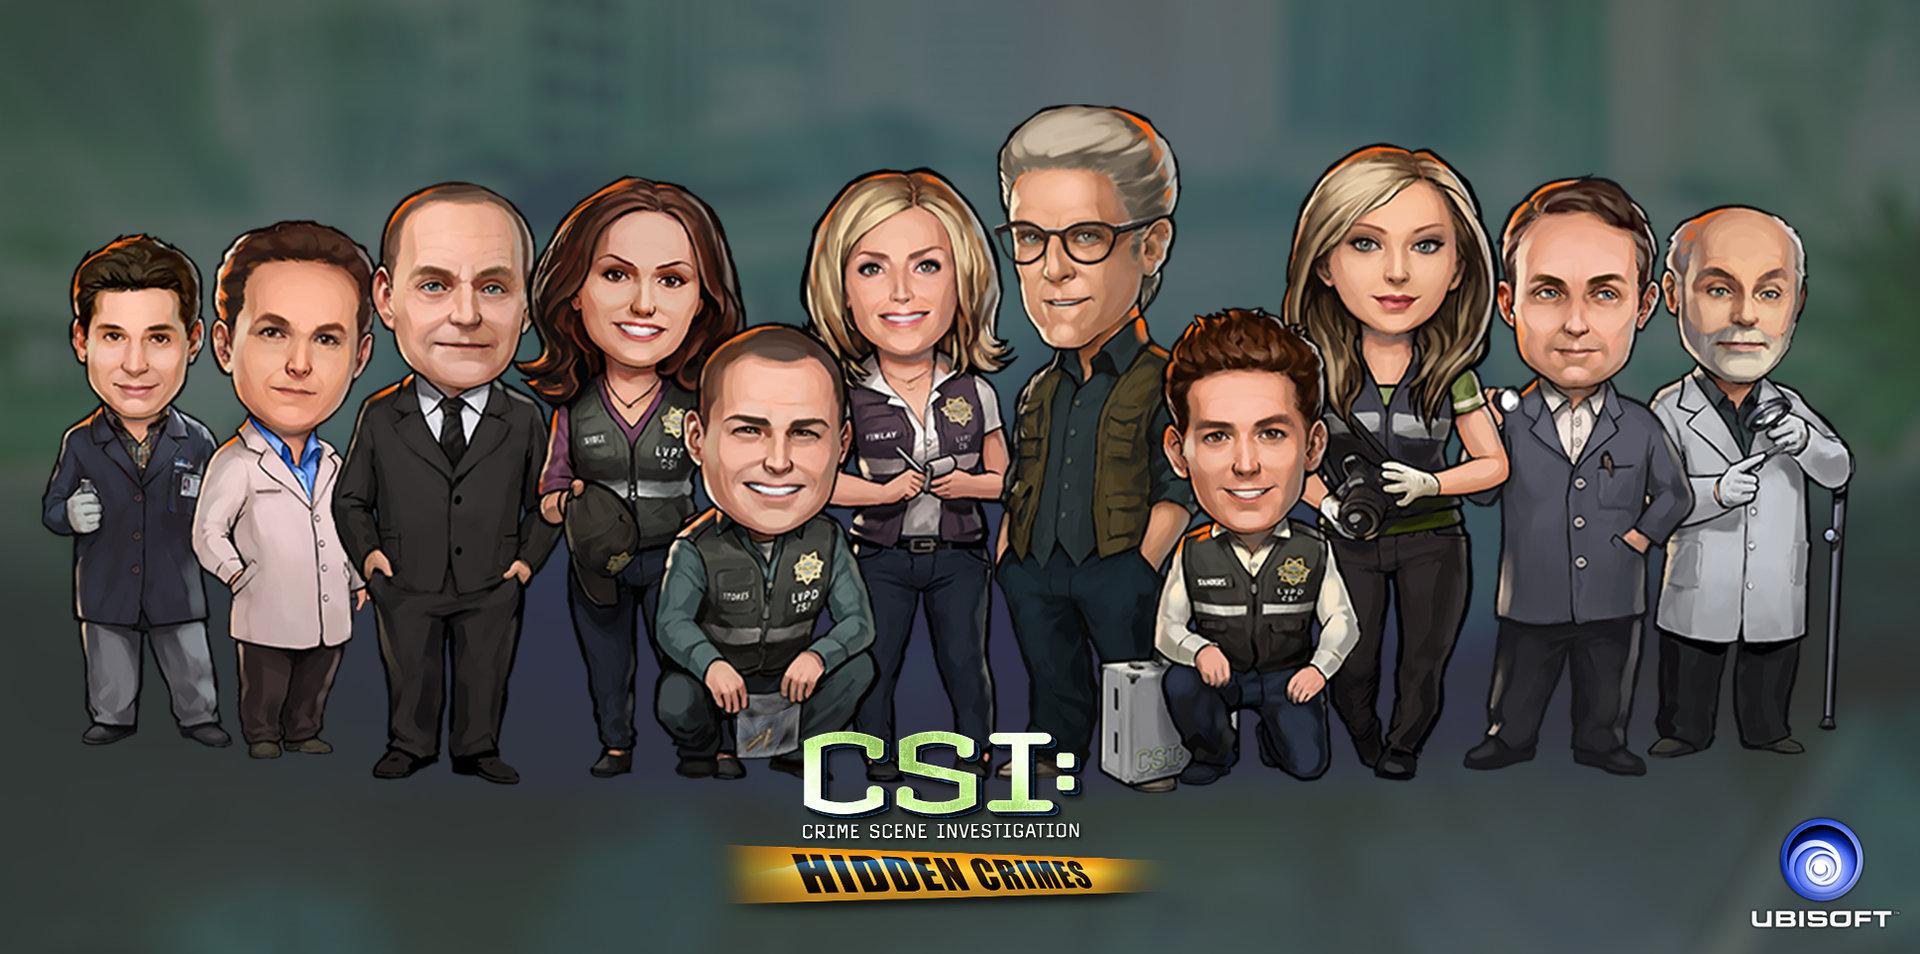 Las Vegas Porno CSI